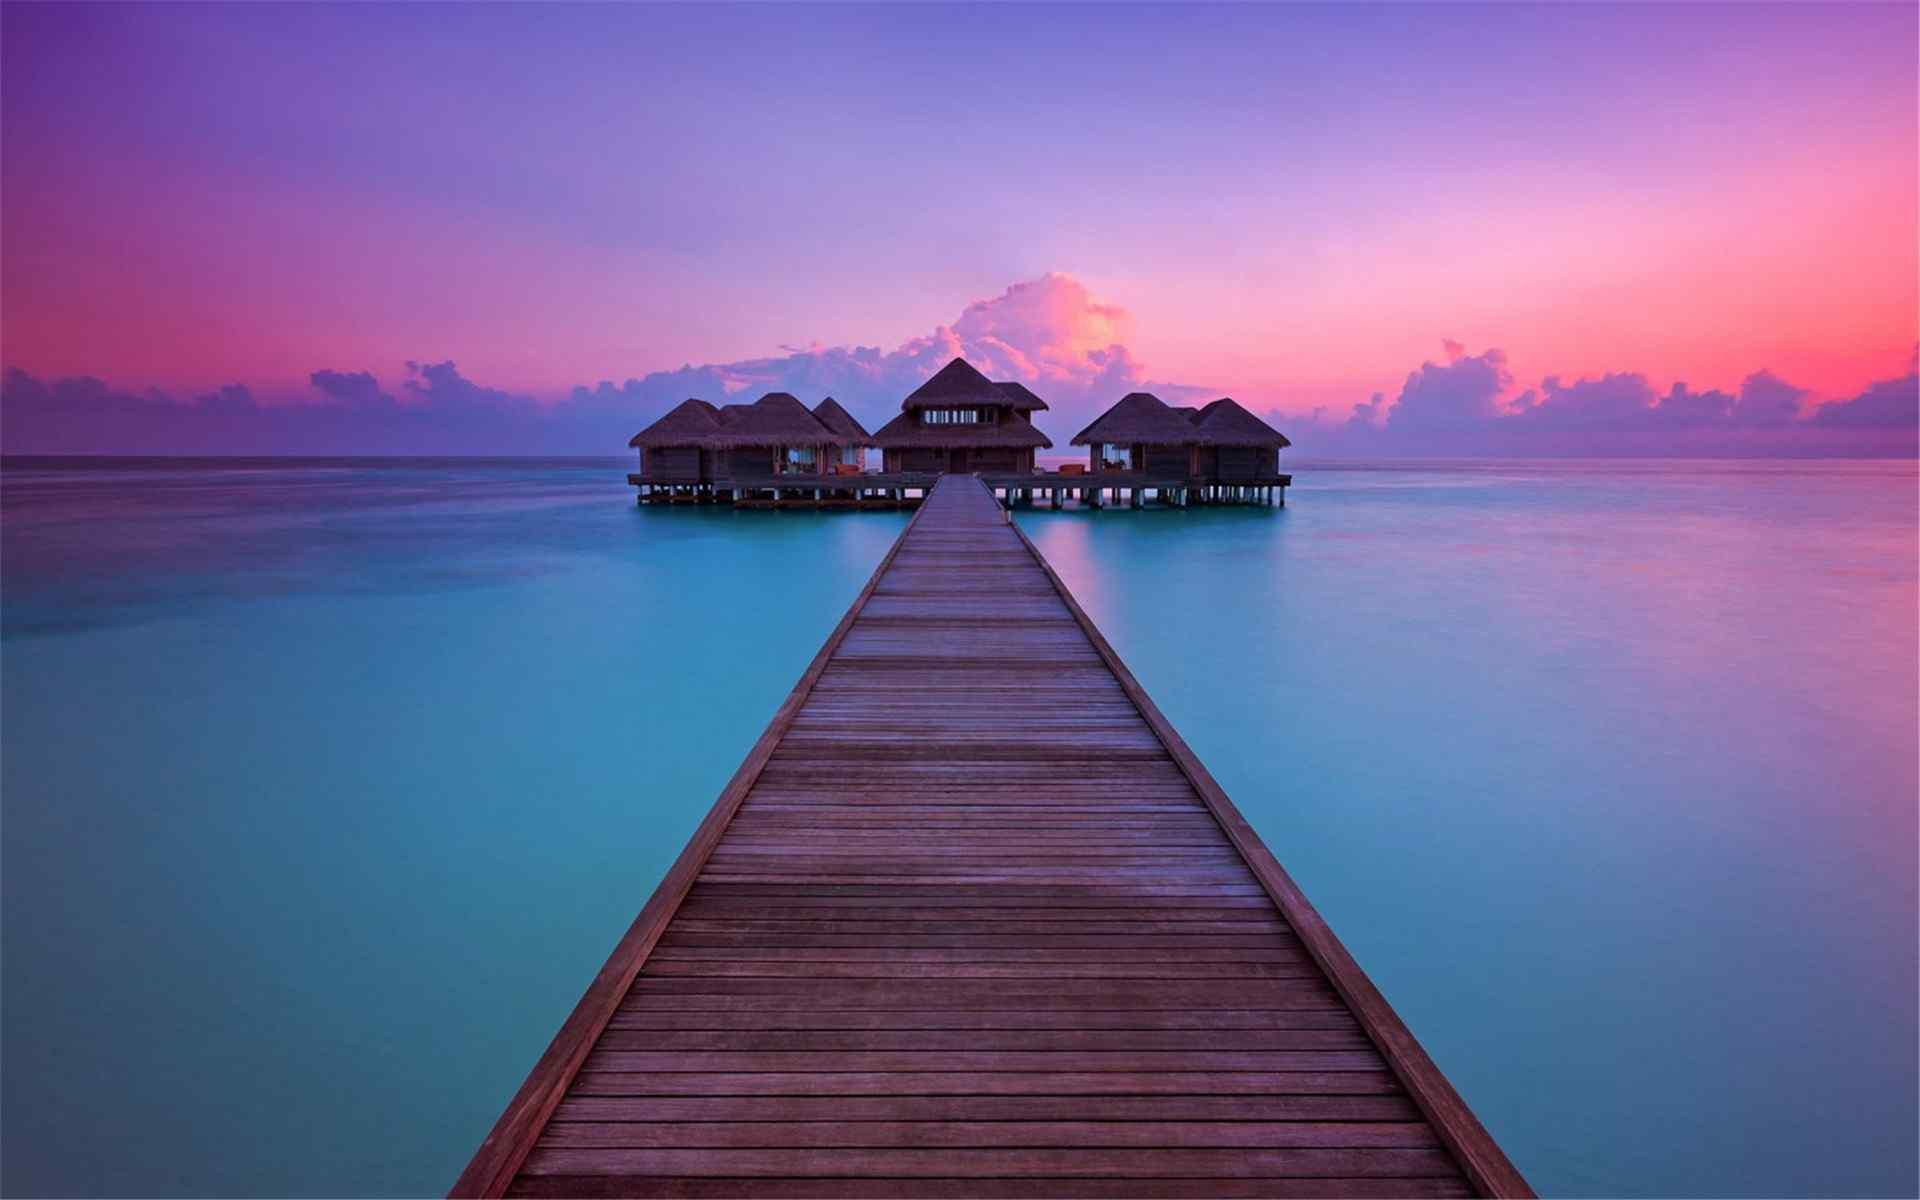 马尔代夫热带海洋唯美风景高清壁纸